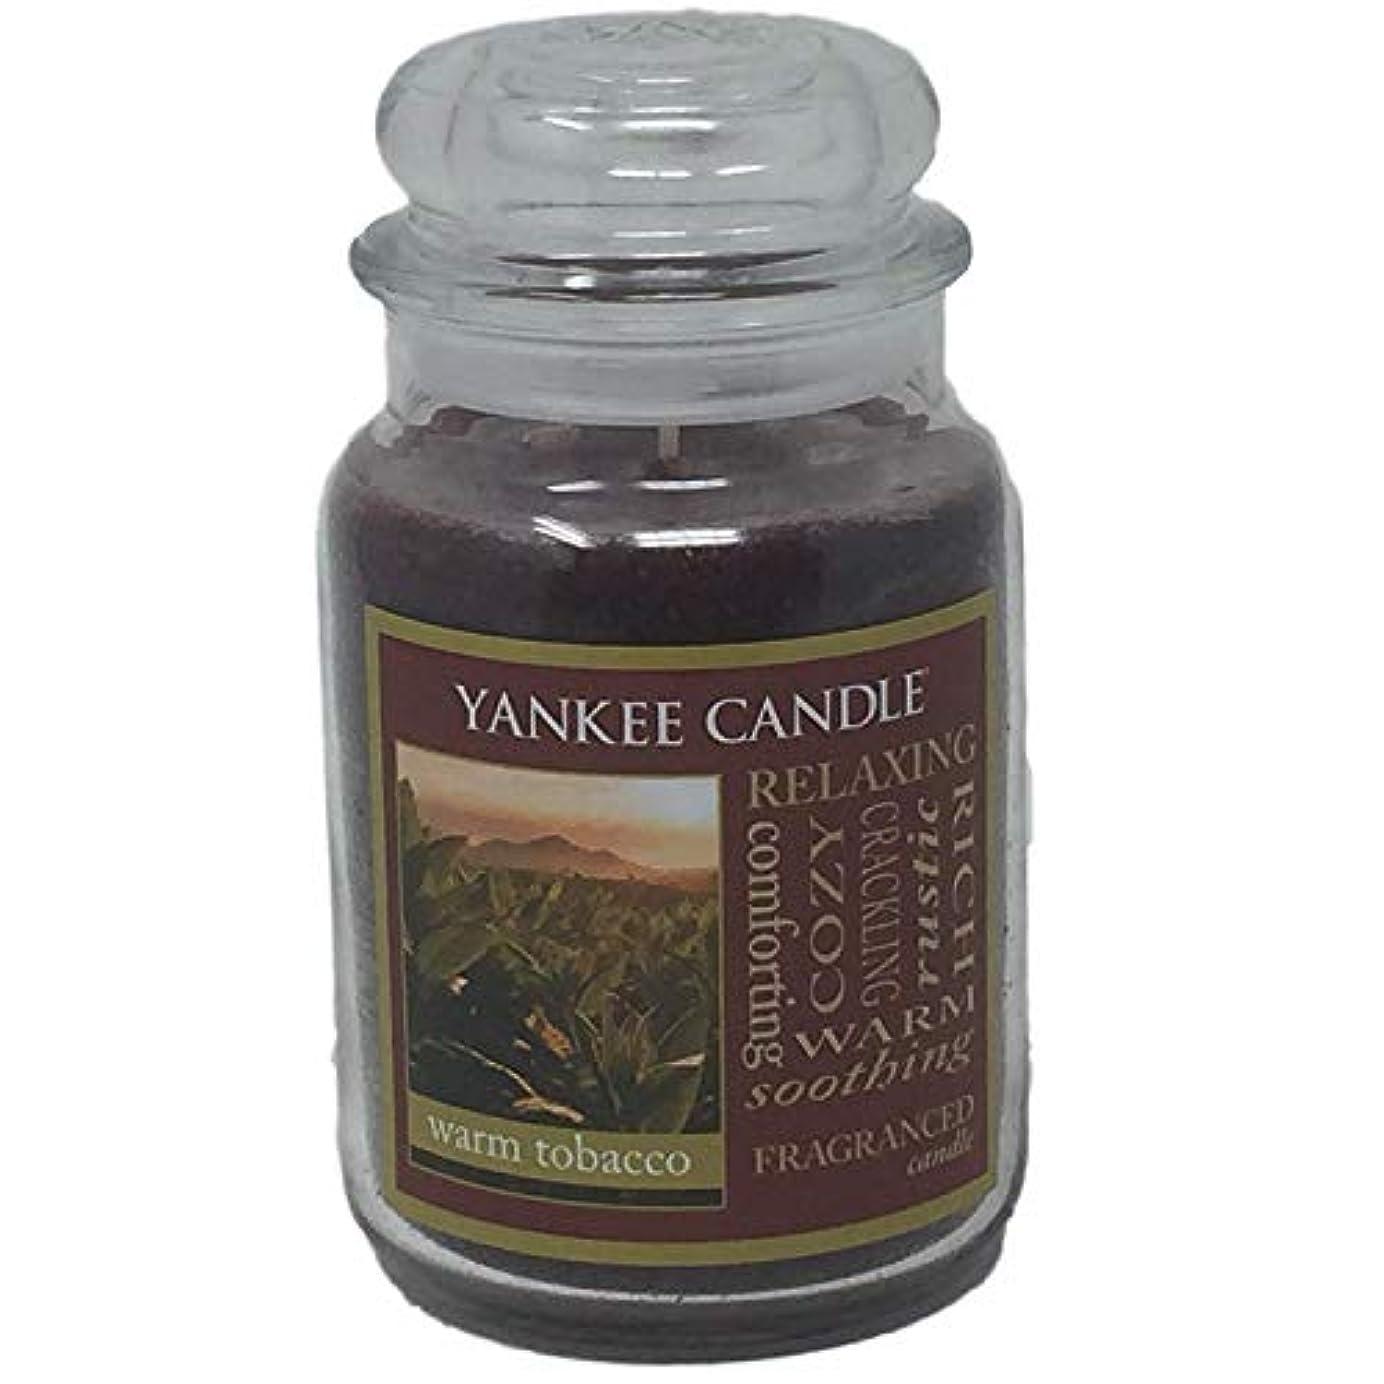 性交崩壊反映するYankee Candle WarmタバコJar Candle – 22 oz Largeサイズ